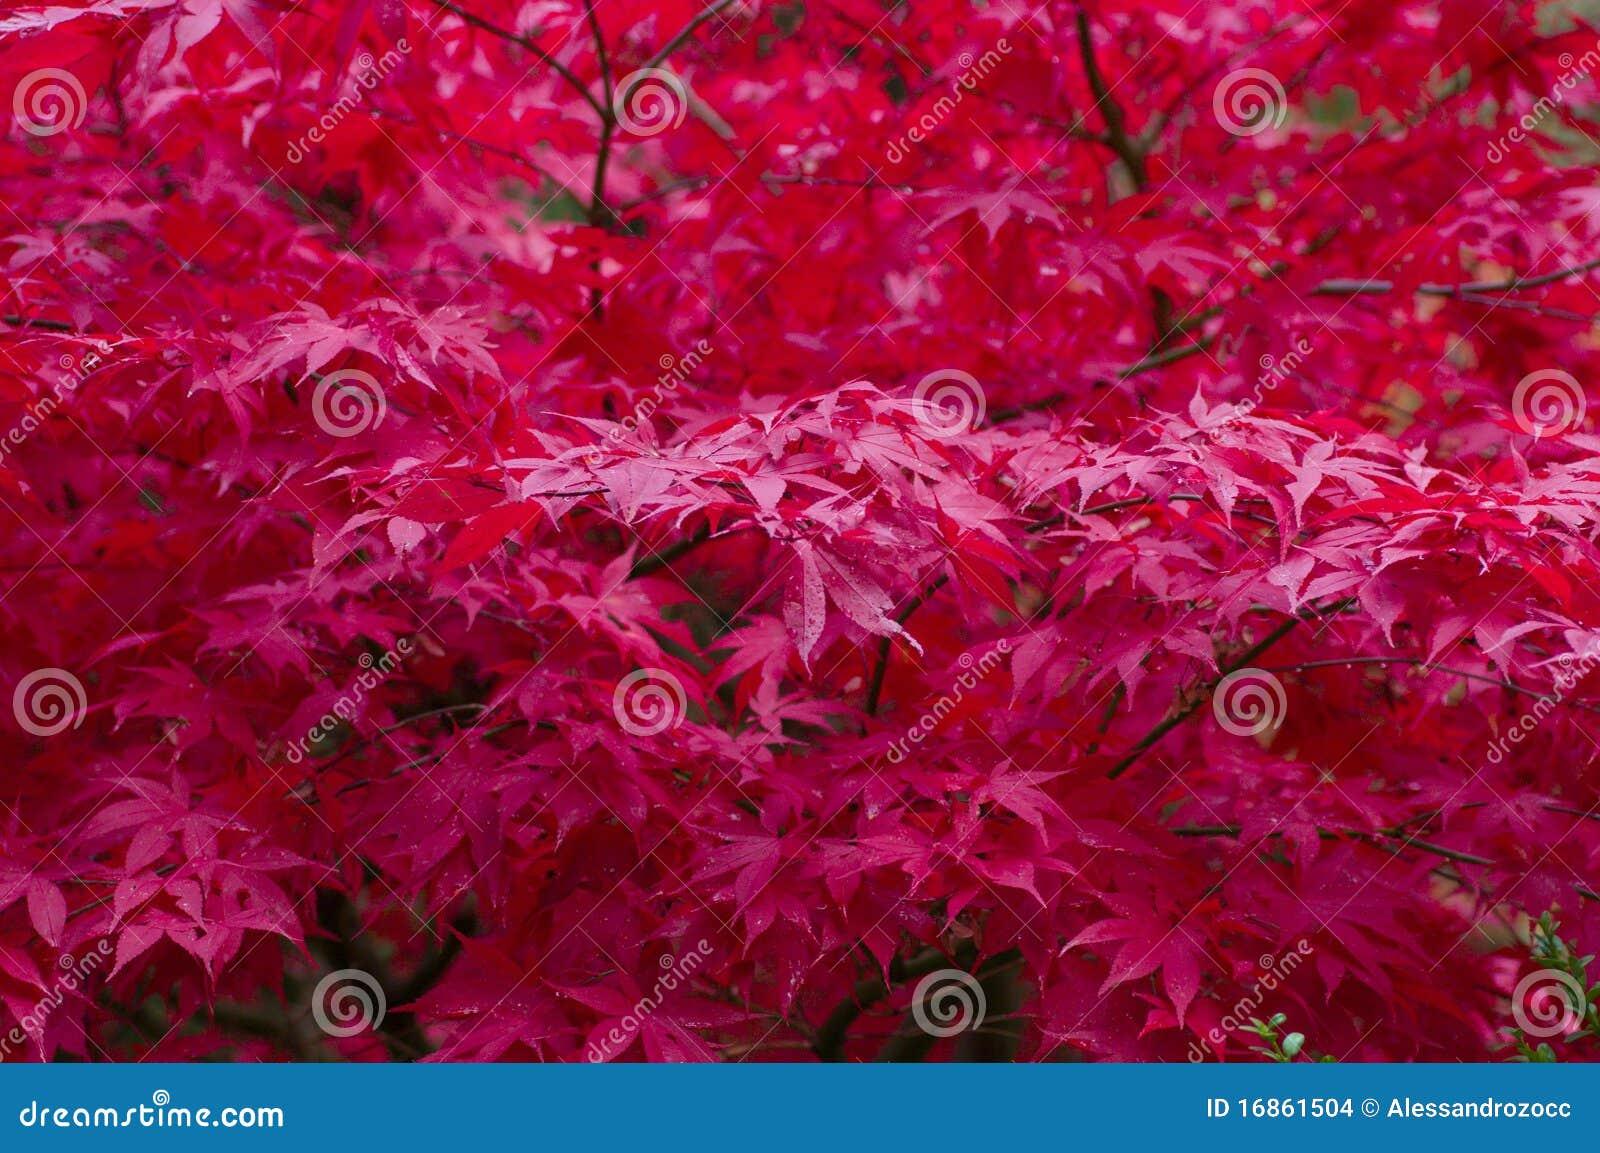 arbre d 39 rable japonais rouge images stock image 16861504. Black Bedroom Furniture Sets. Home Design Ideas